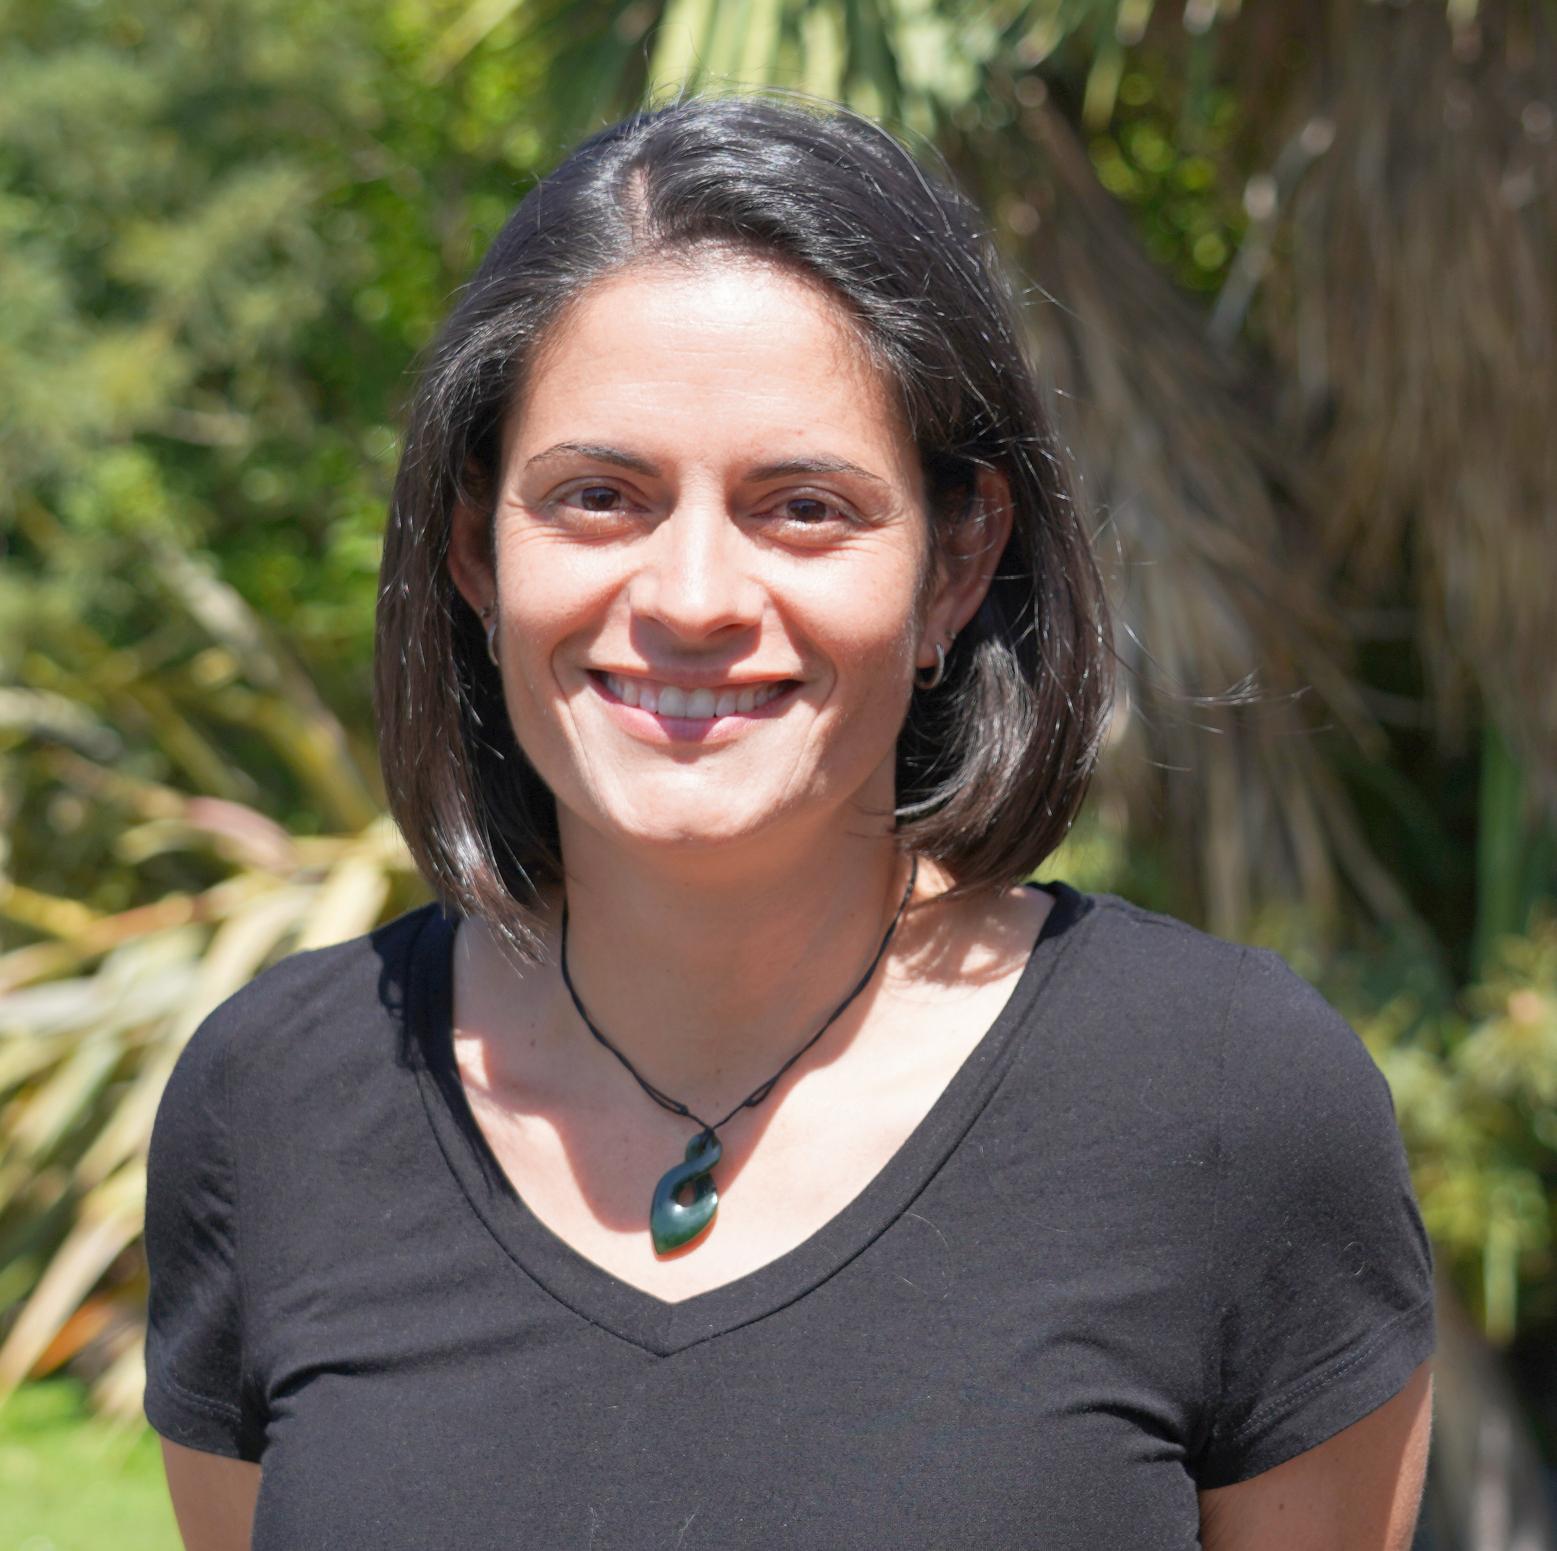 Nisha Powell